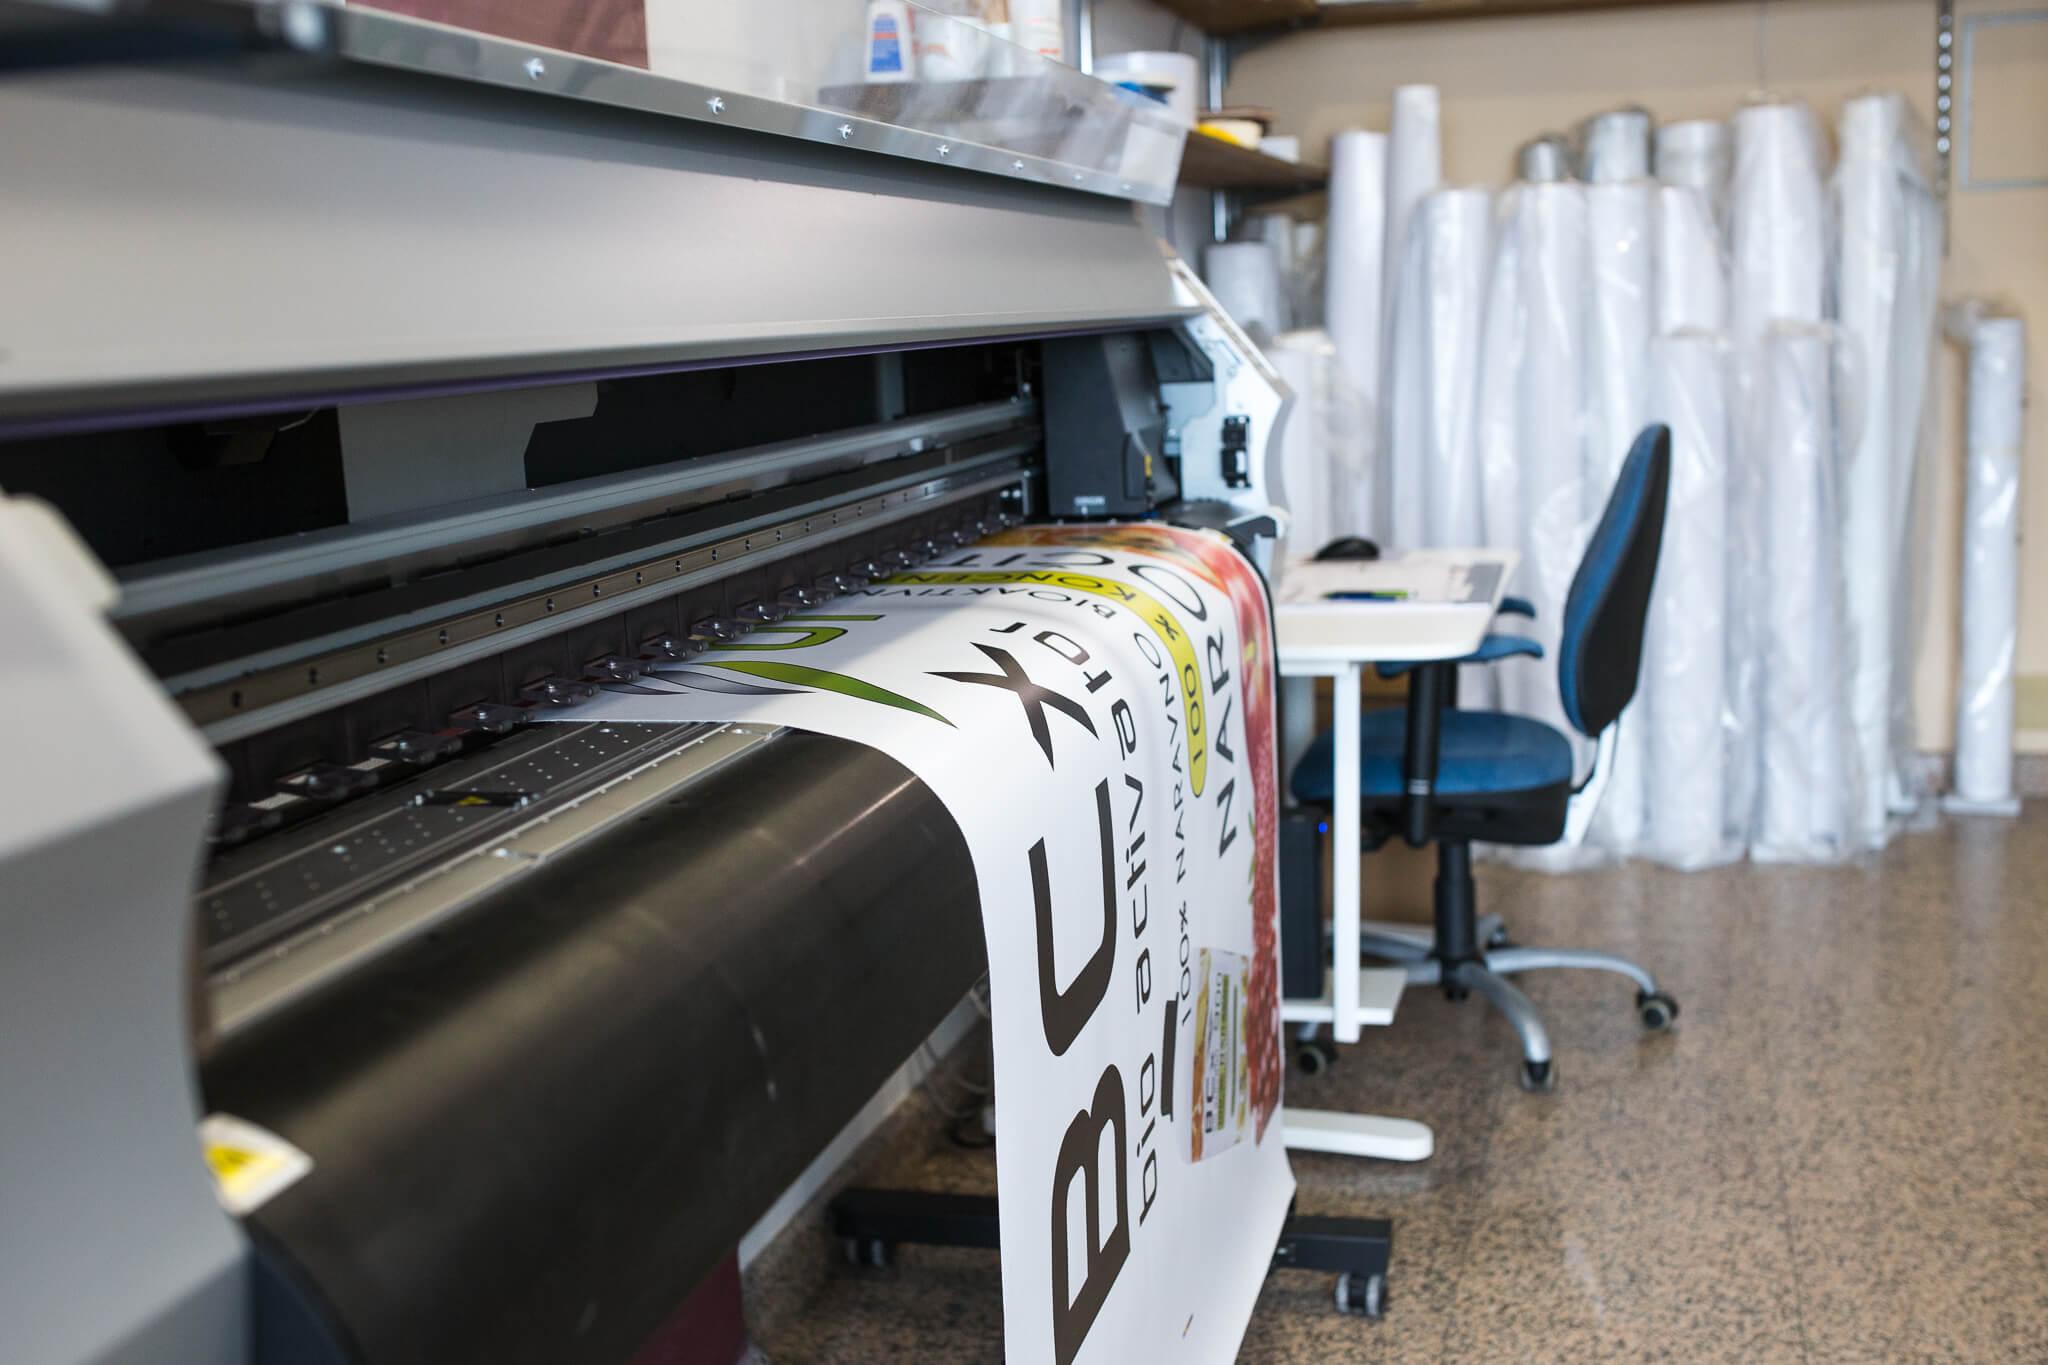 Tiskarna, gradbene mreže folije, gradbene table